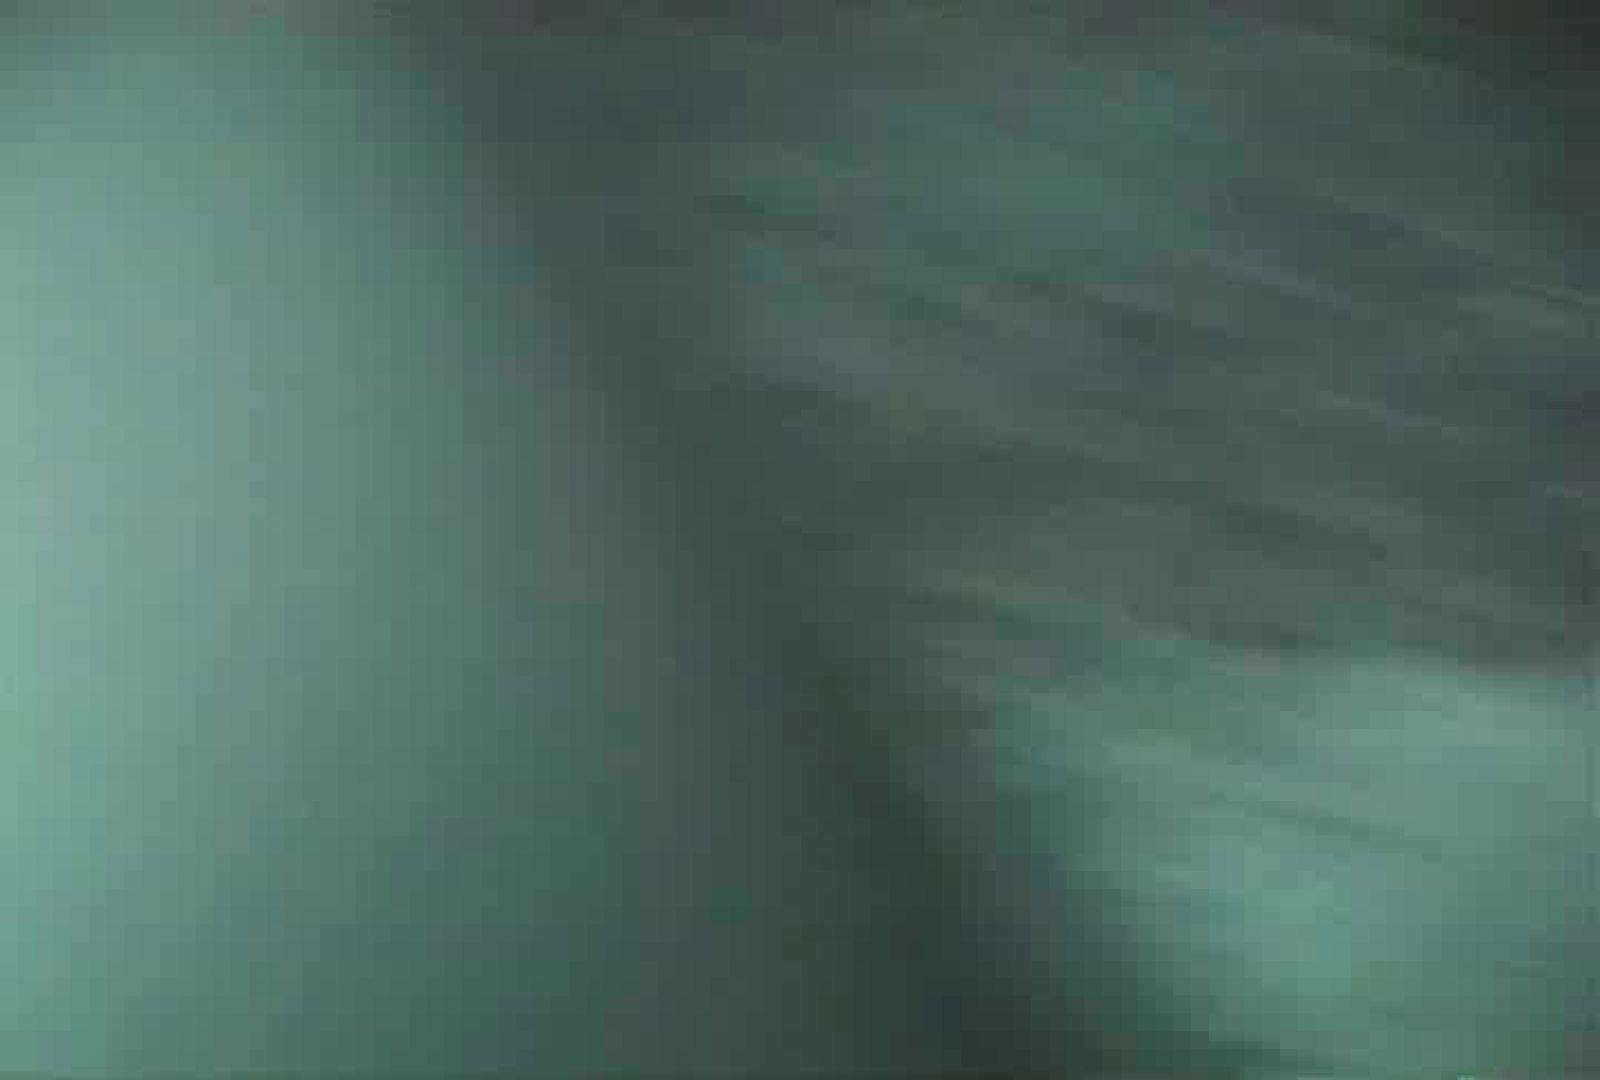 充血監督の深夜の運動会Vol.47 エッチなセックス  66画像 45